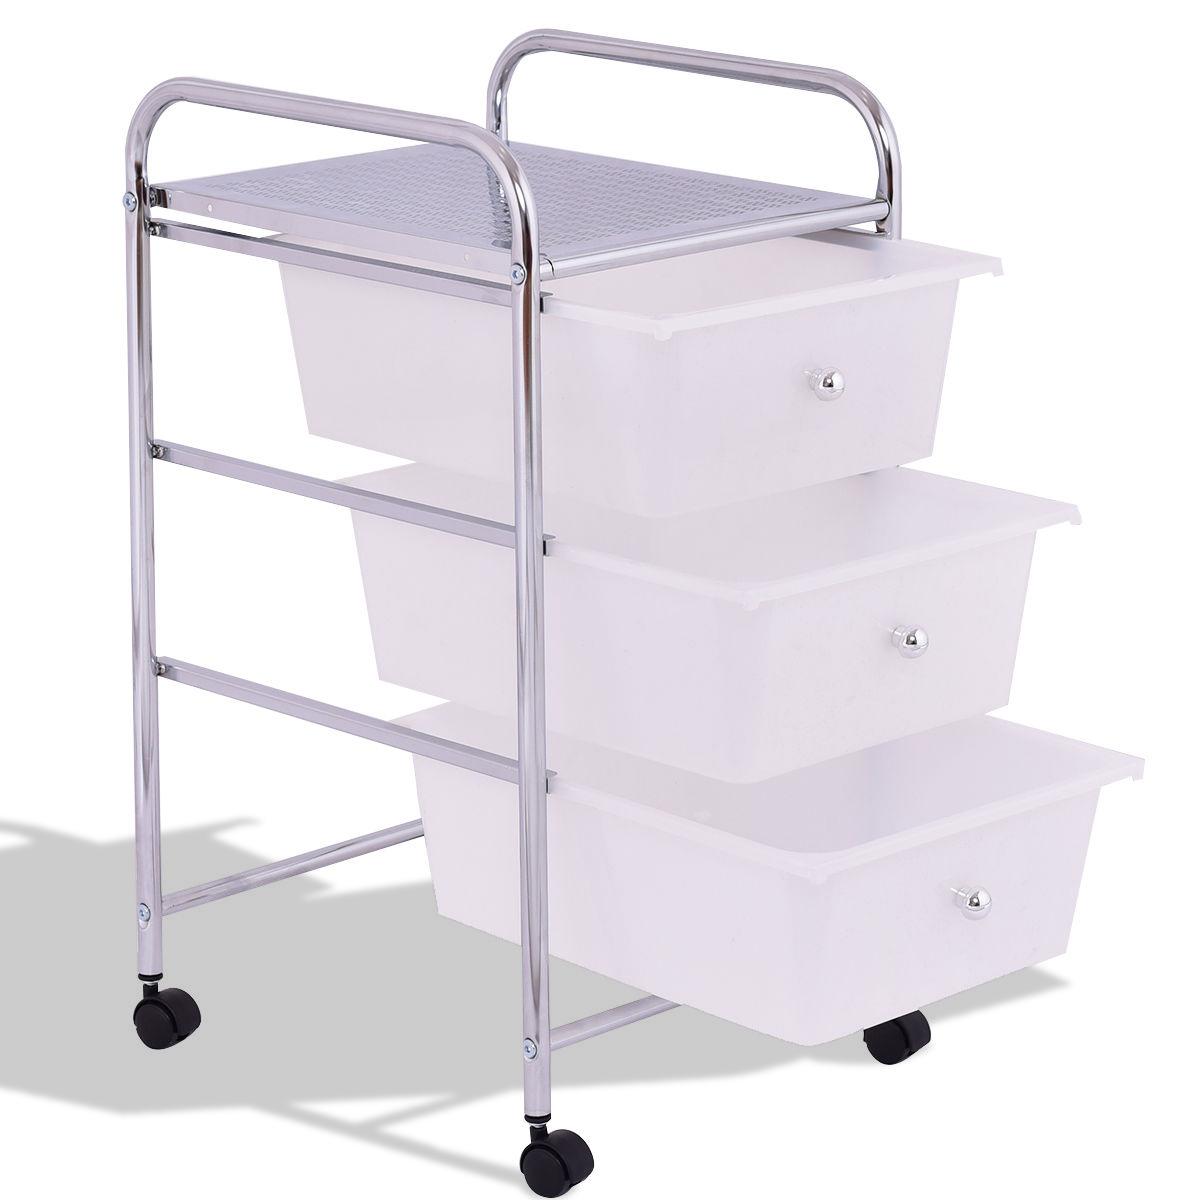 3 Drawers White Metal Rolling Storage Cart